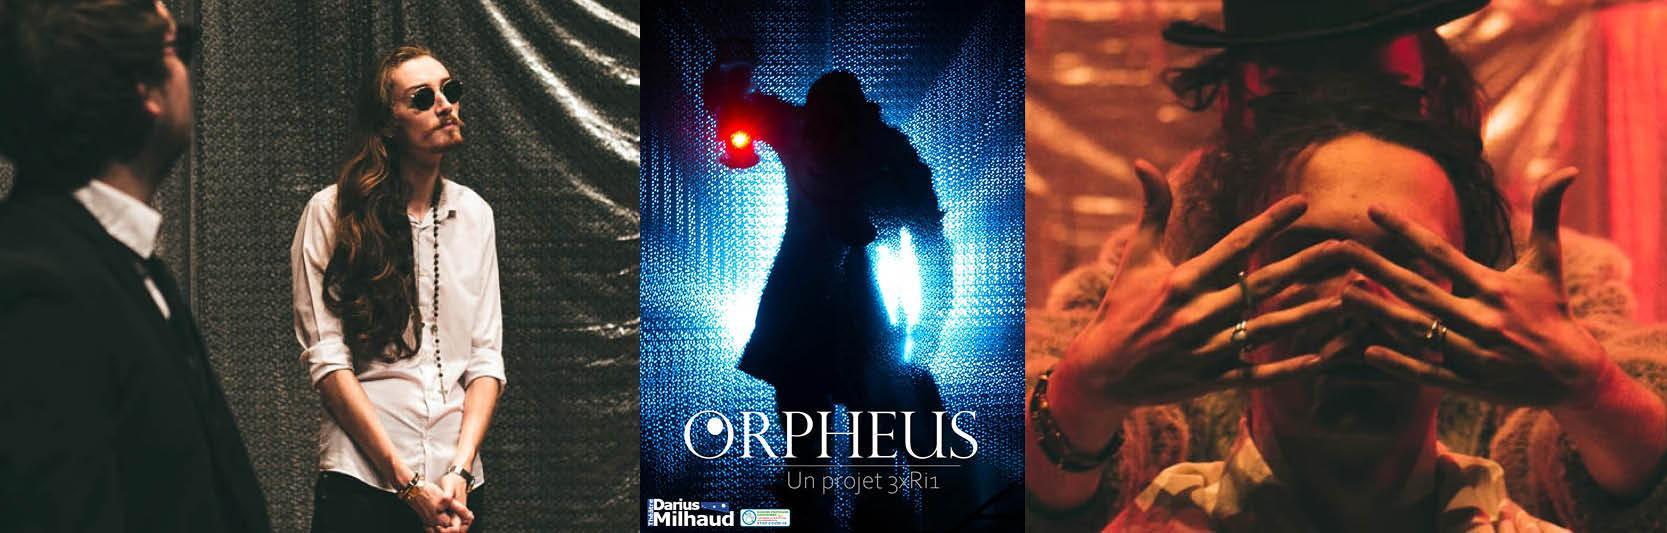 Visuel go orpheus